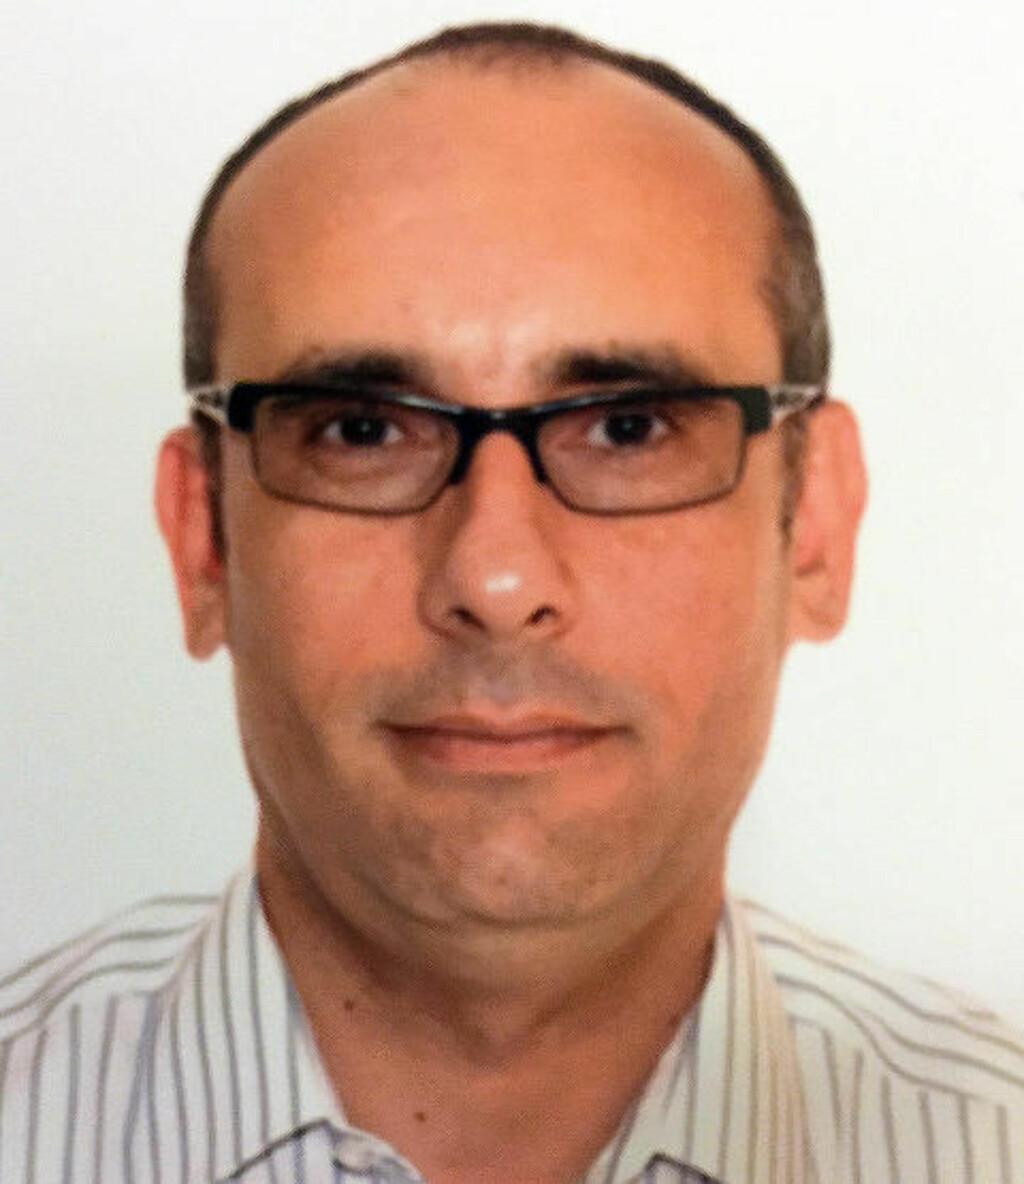 UROLIG: Wael Fahmy sier han og Jotun nå håper på endring i Qatar. Foto: Jotun